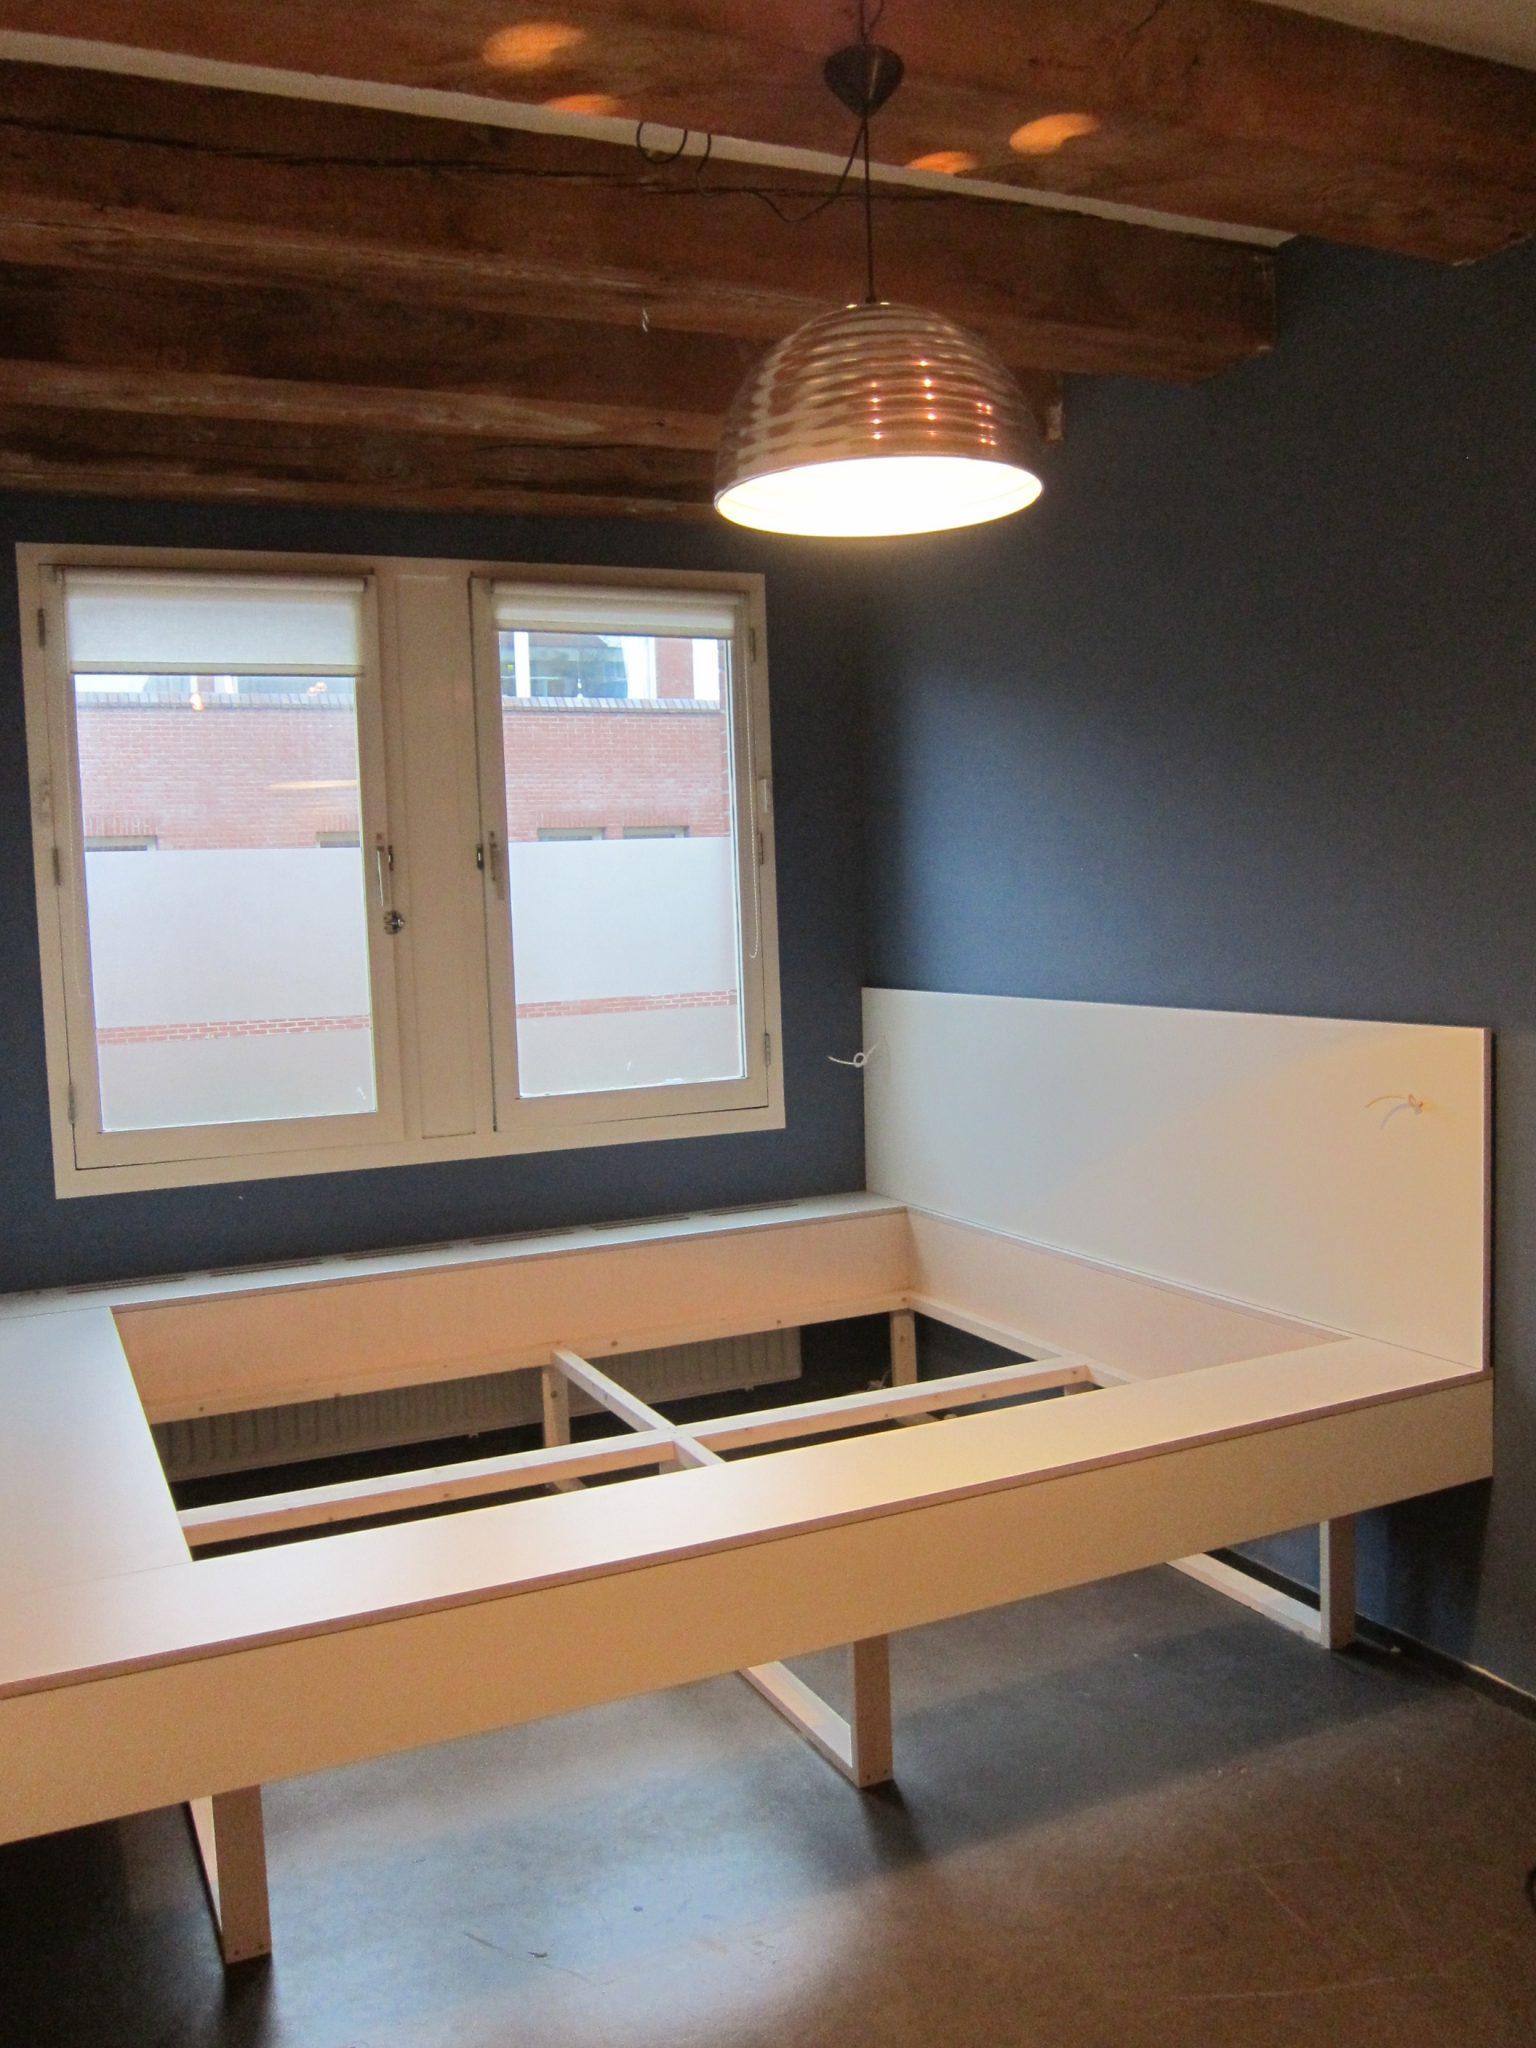 Inbouwbed vincent niekerk meubelmaker amsterdam for Meubelmaker amsterdam